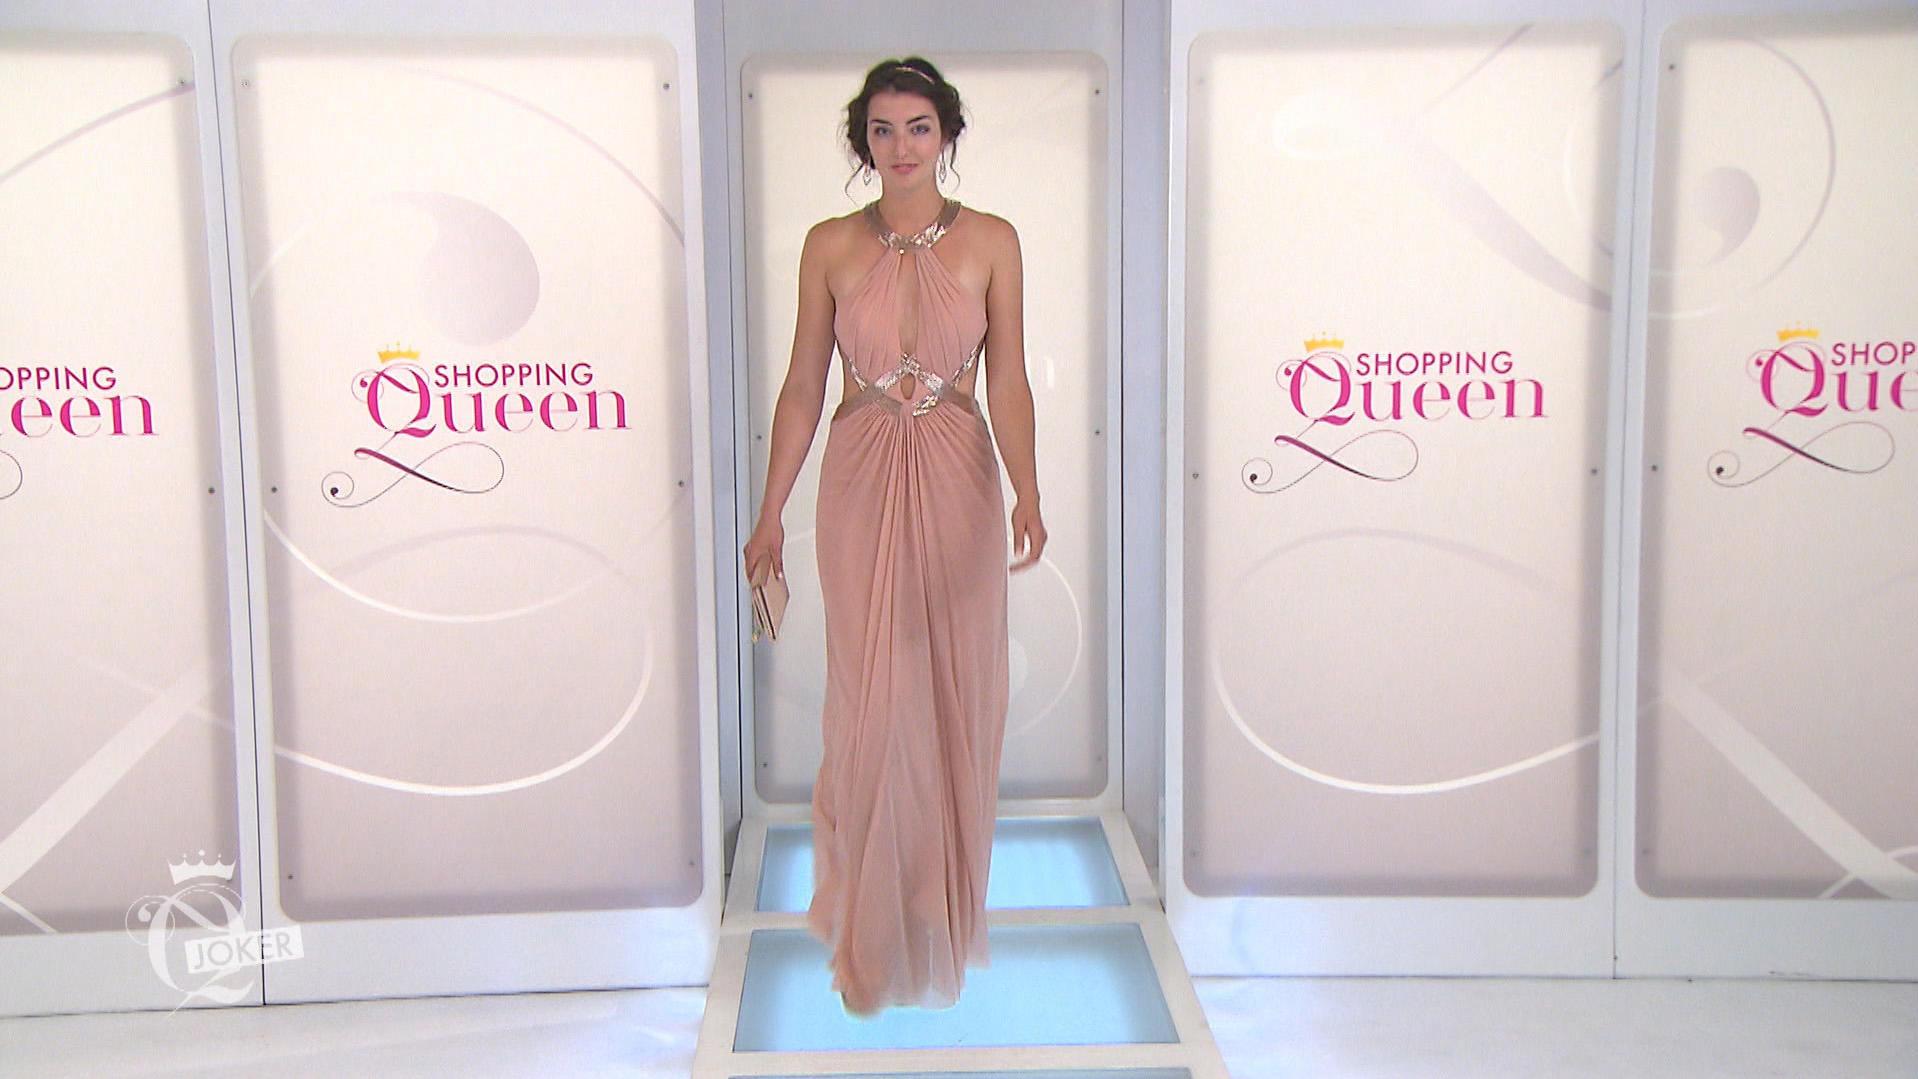 20 Leicht Shopping Queen Abendkleid Design15 Schön Shopping Queen Abendkleid Vertrieb